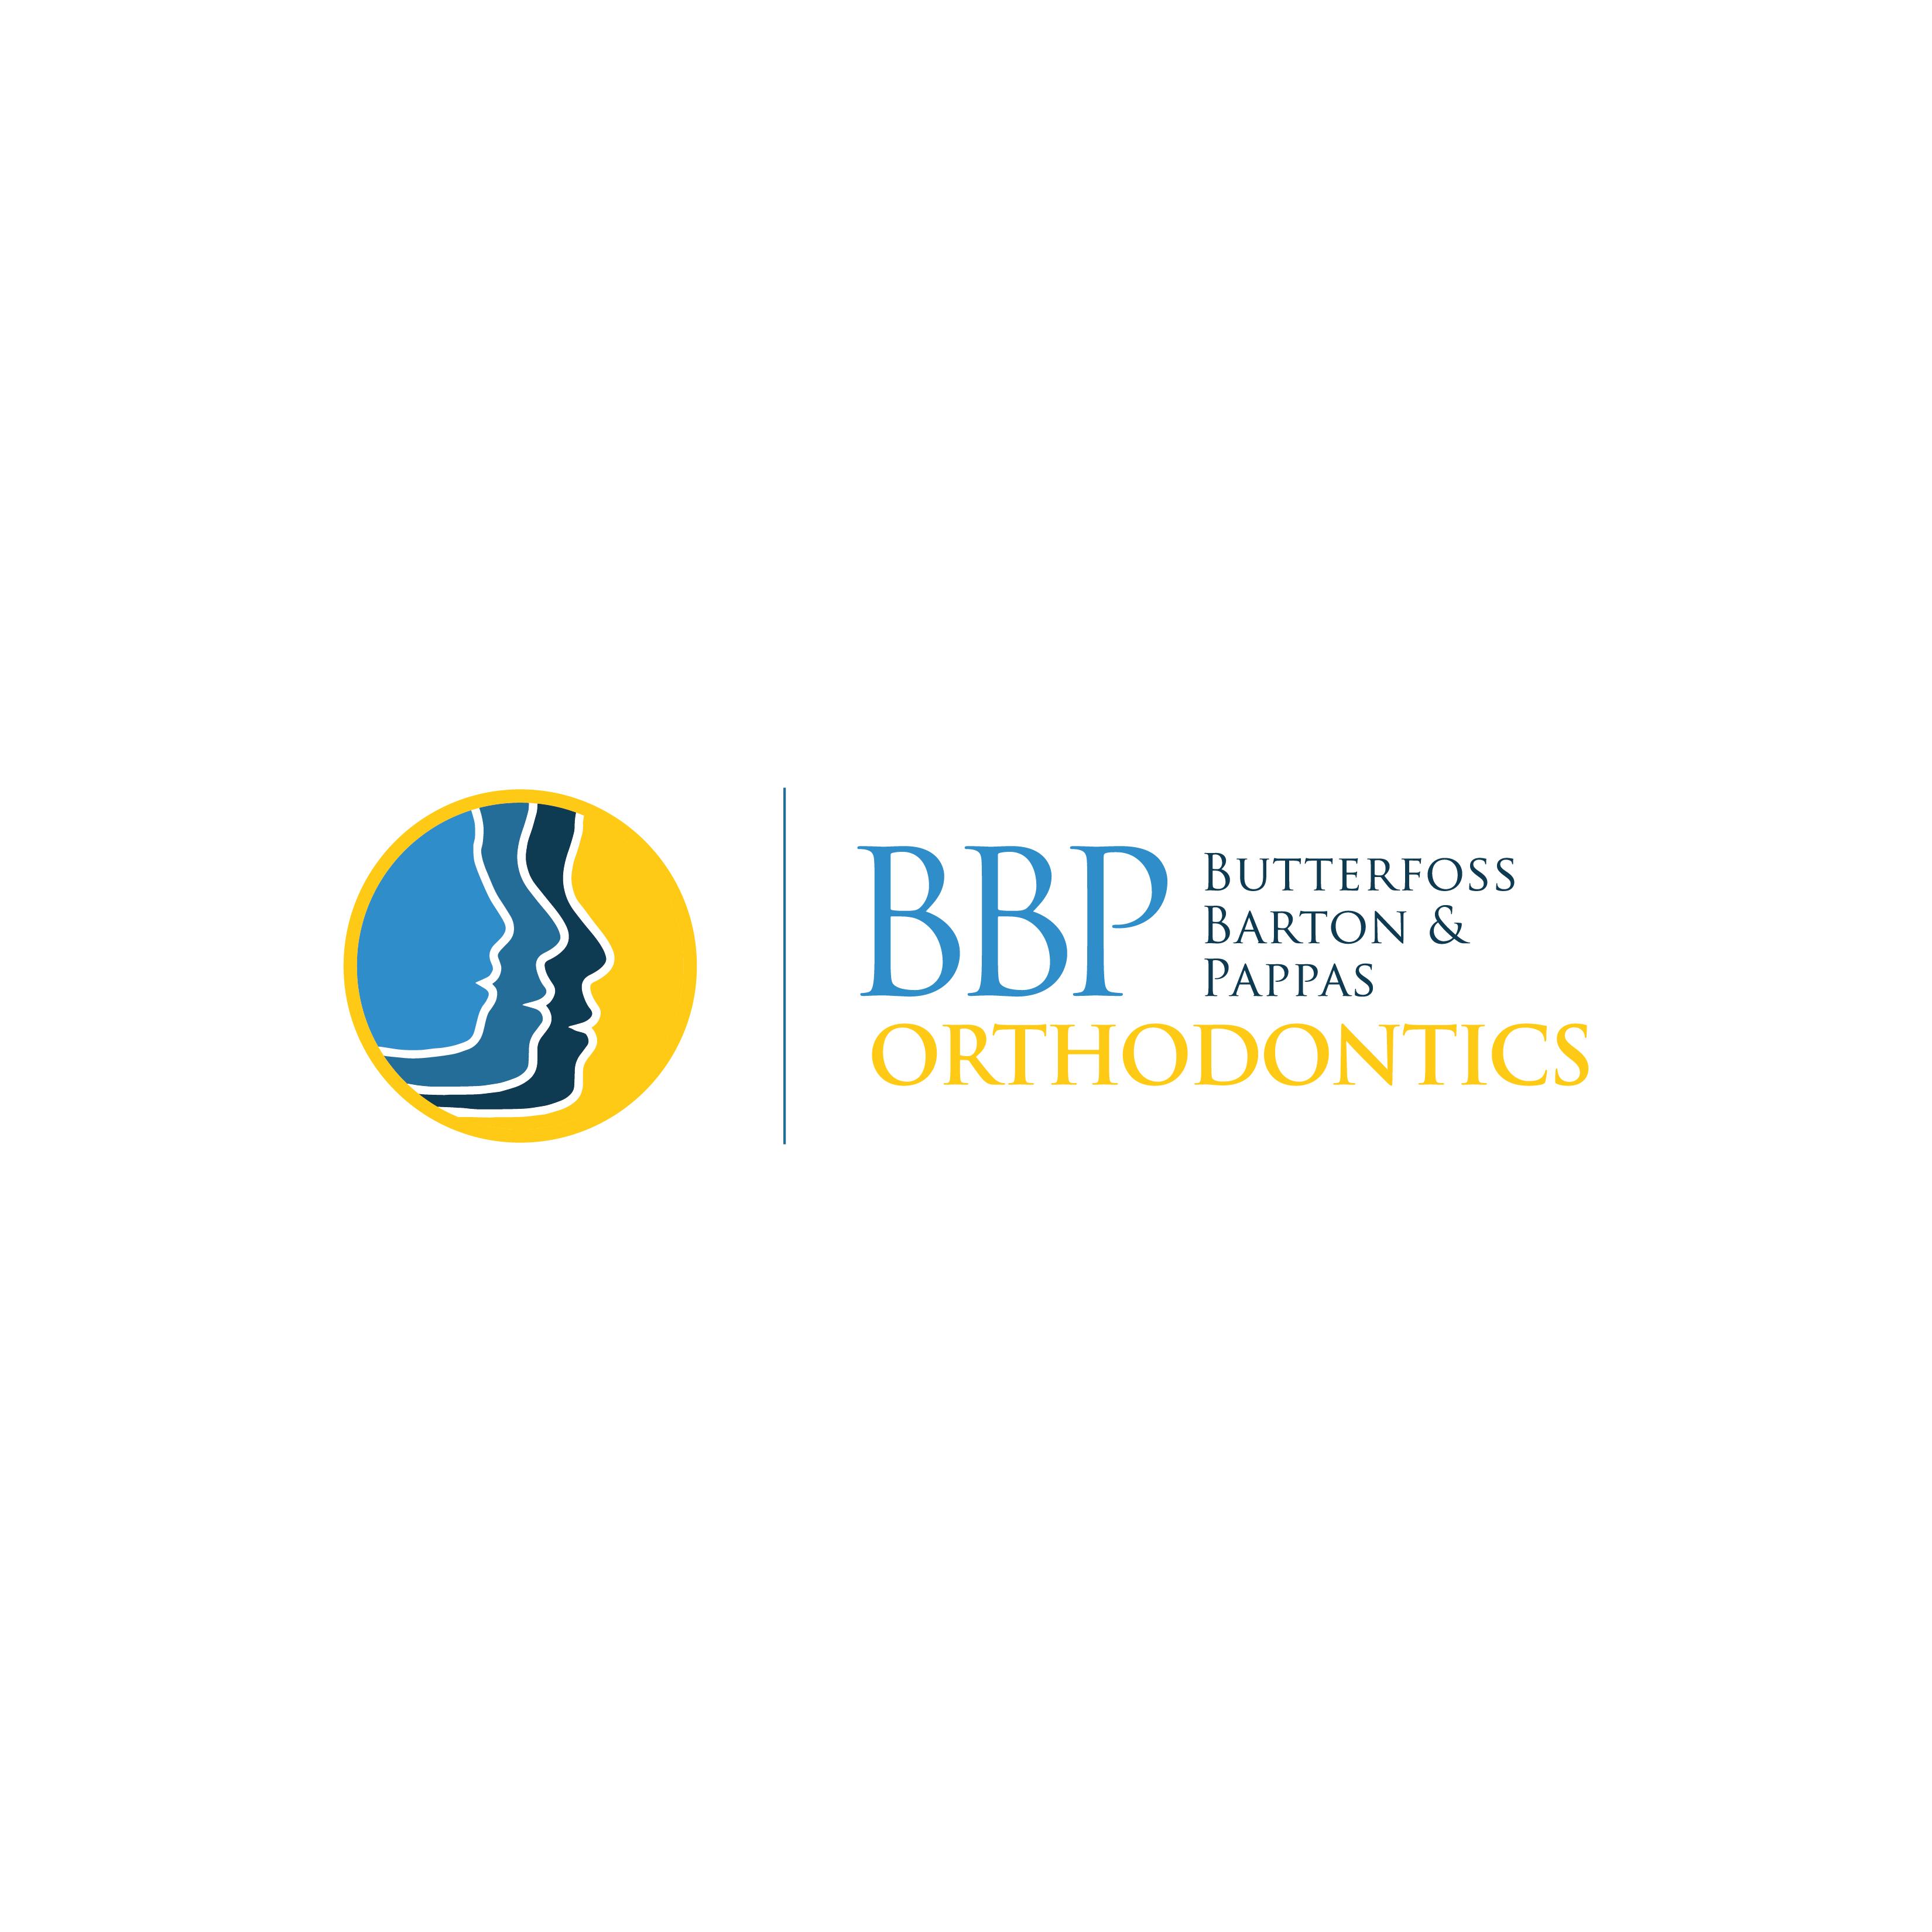 Butterfoss Barton & Pappas Orthodontics